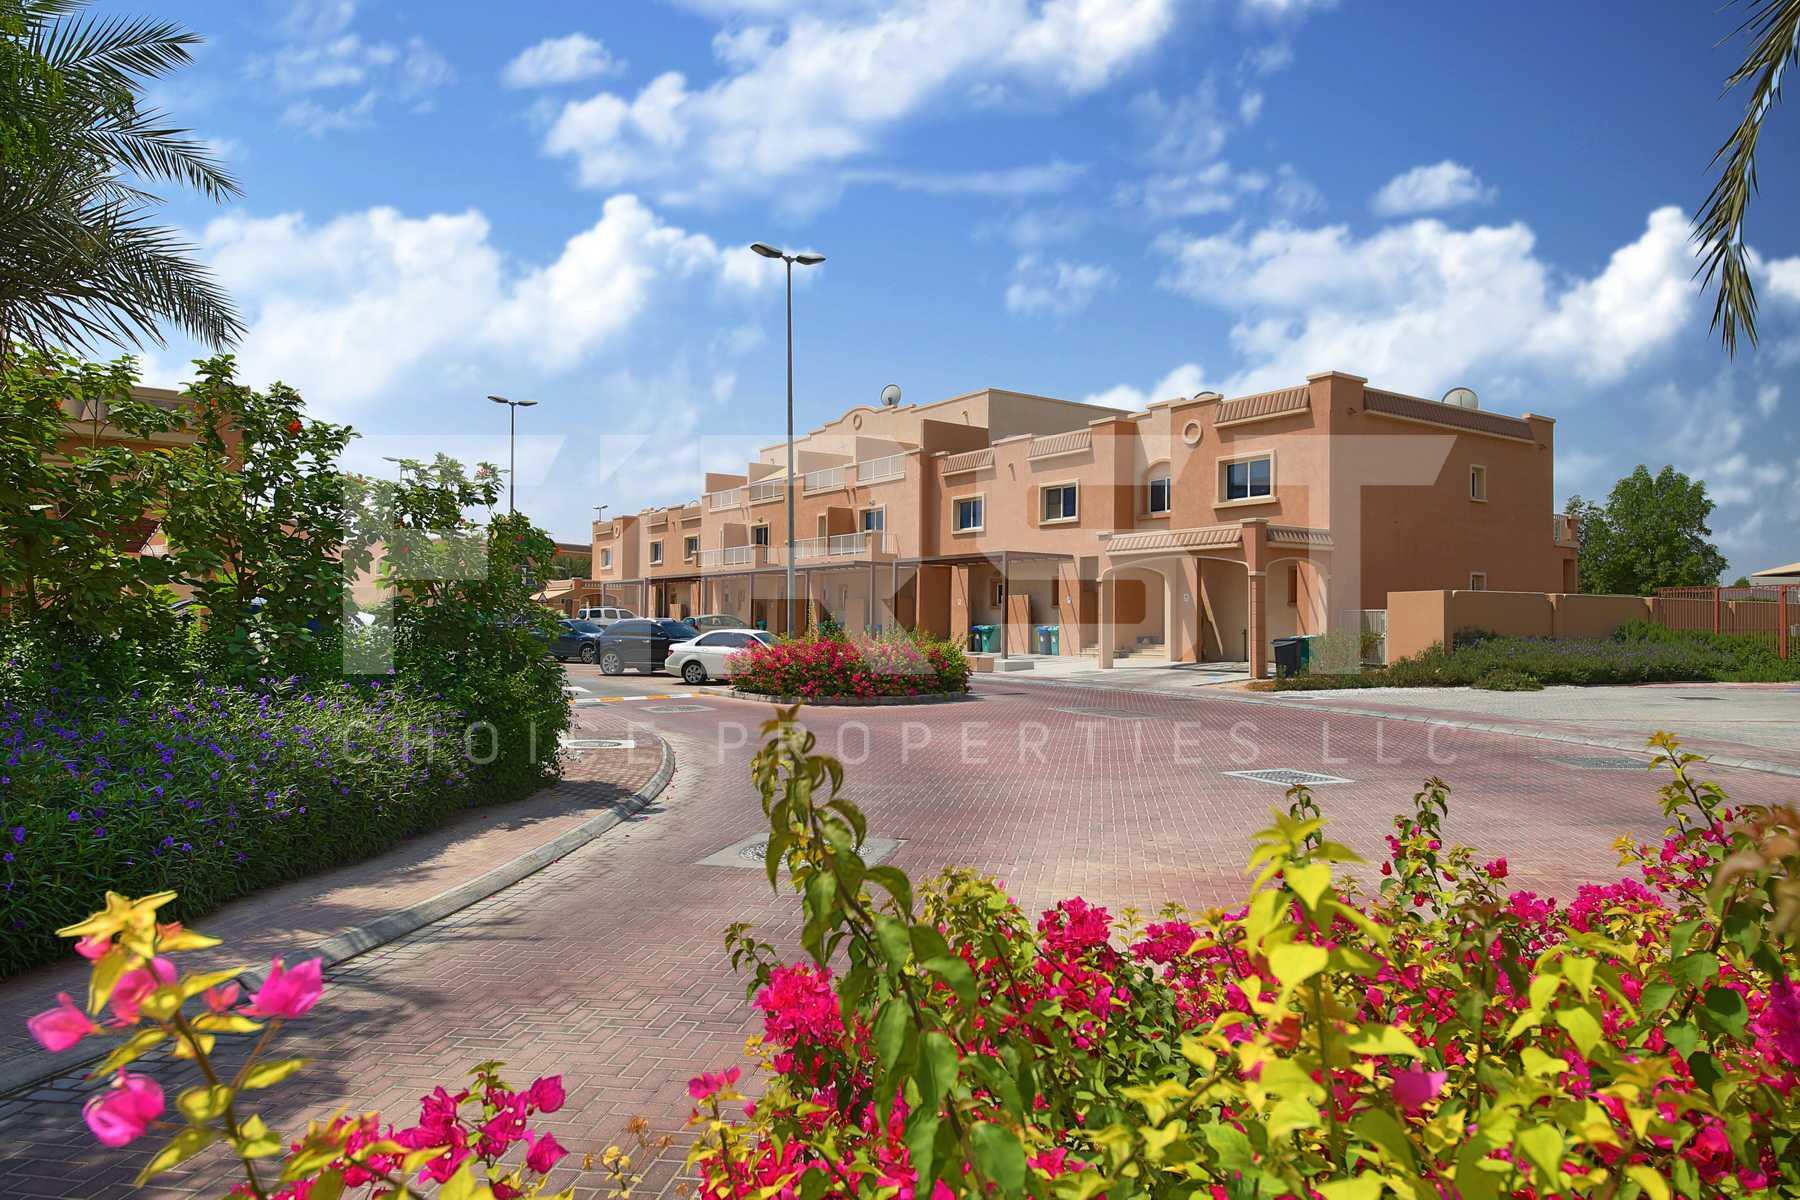 External Photo of Meditteranean Village Al Reef Villas Al Reef Abu Dhabi UAE (9).jpg